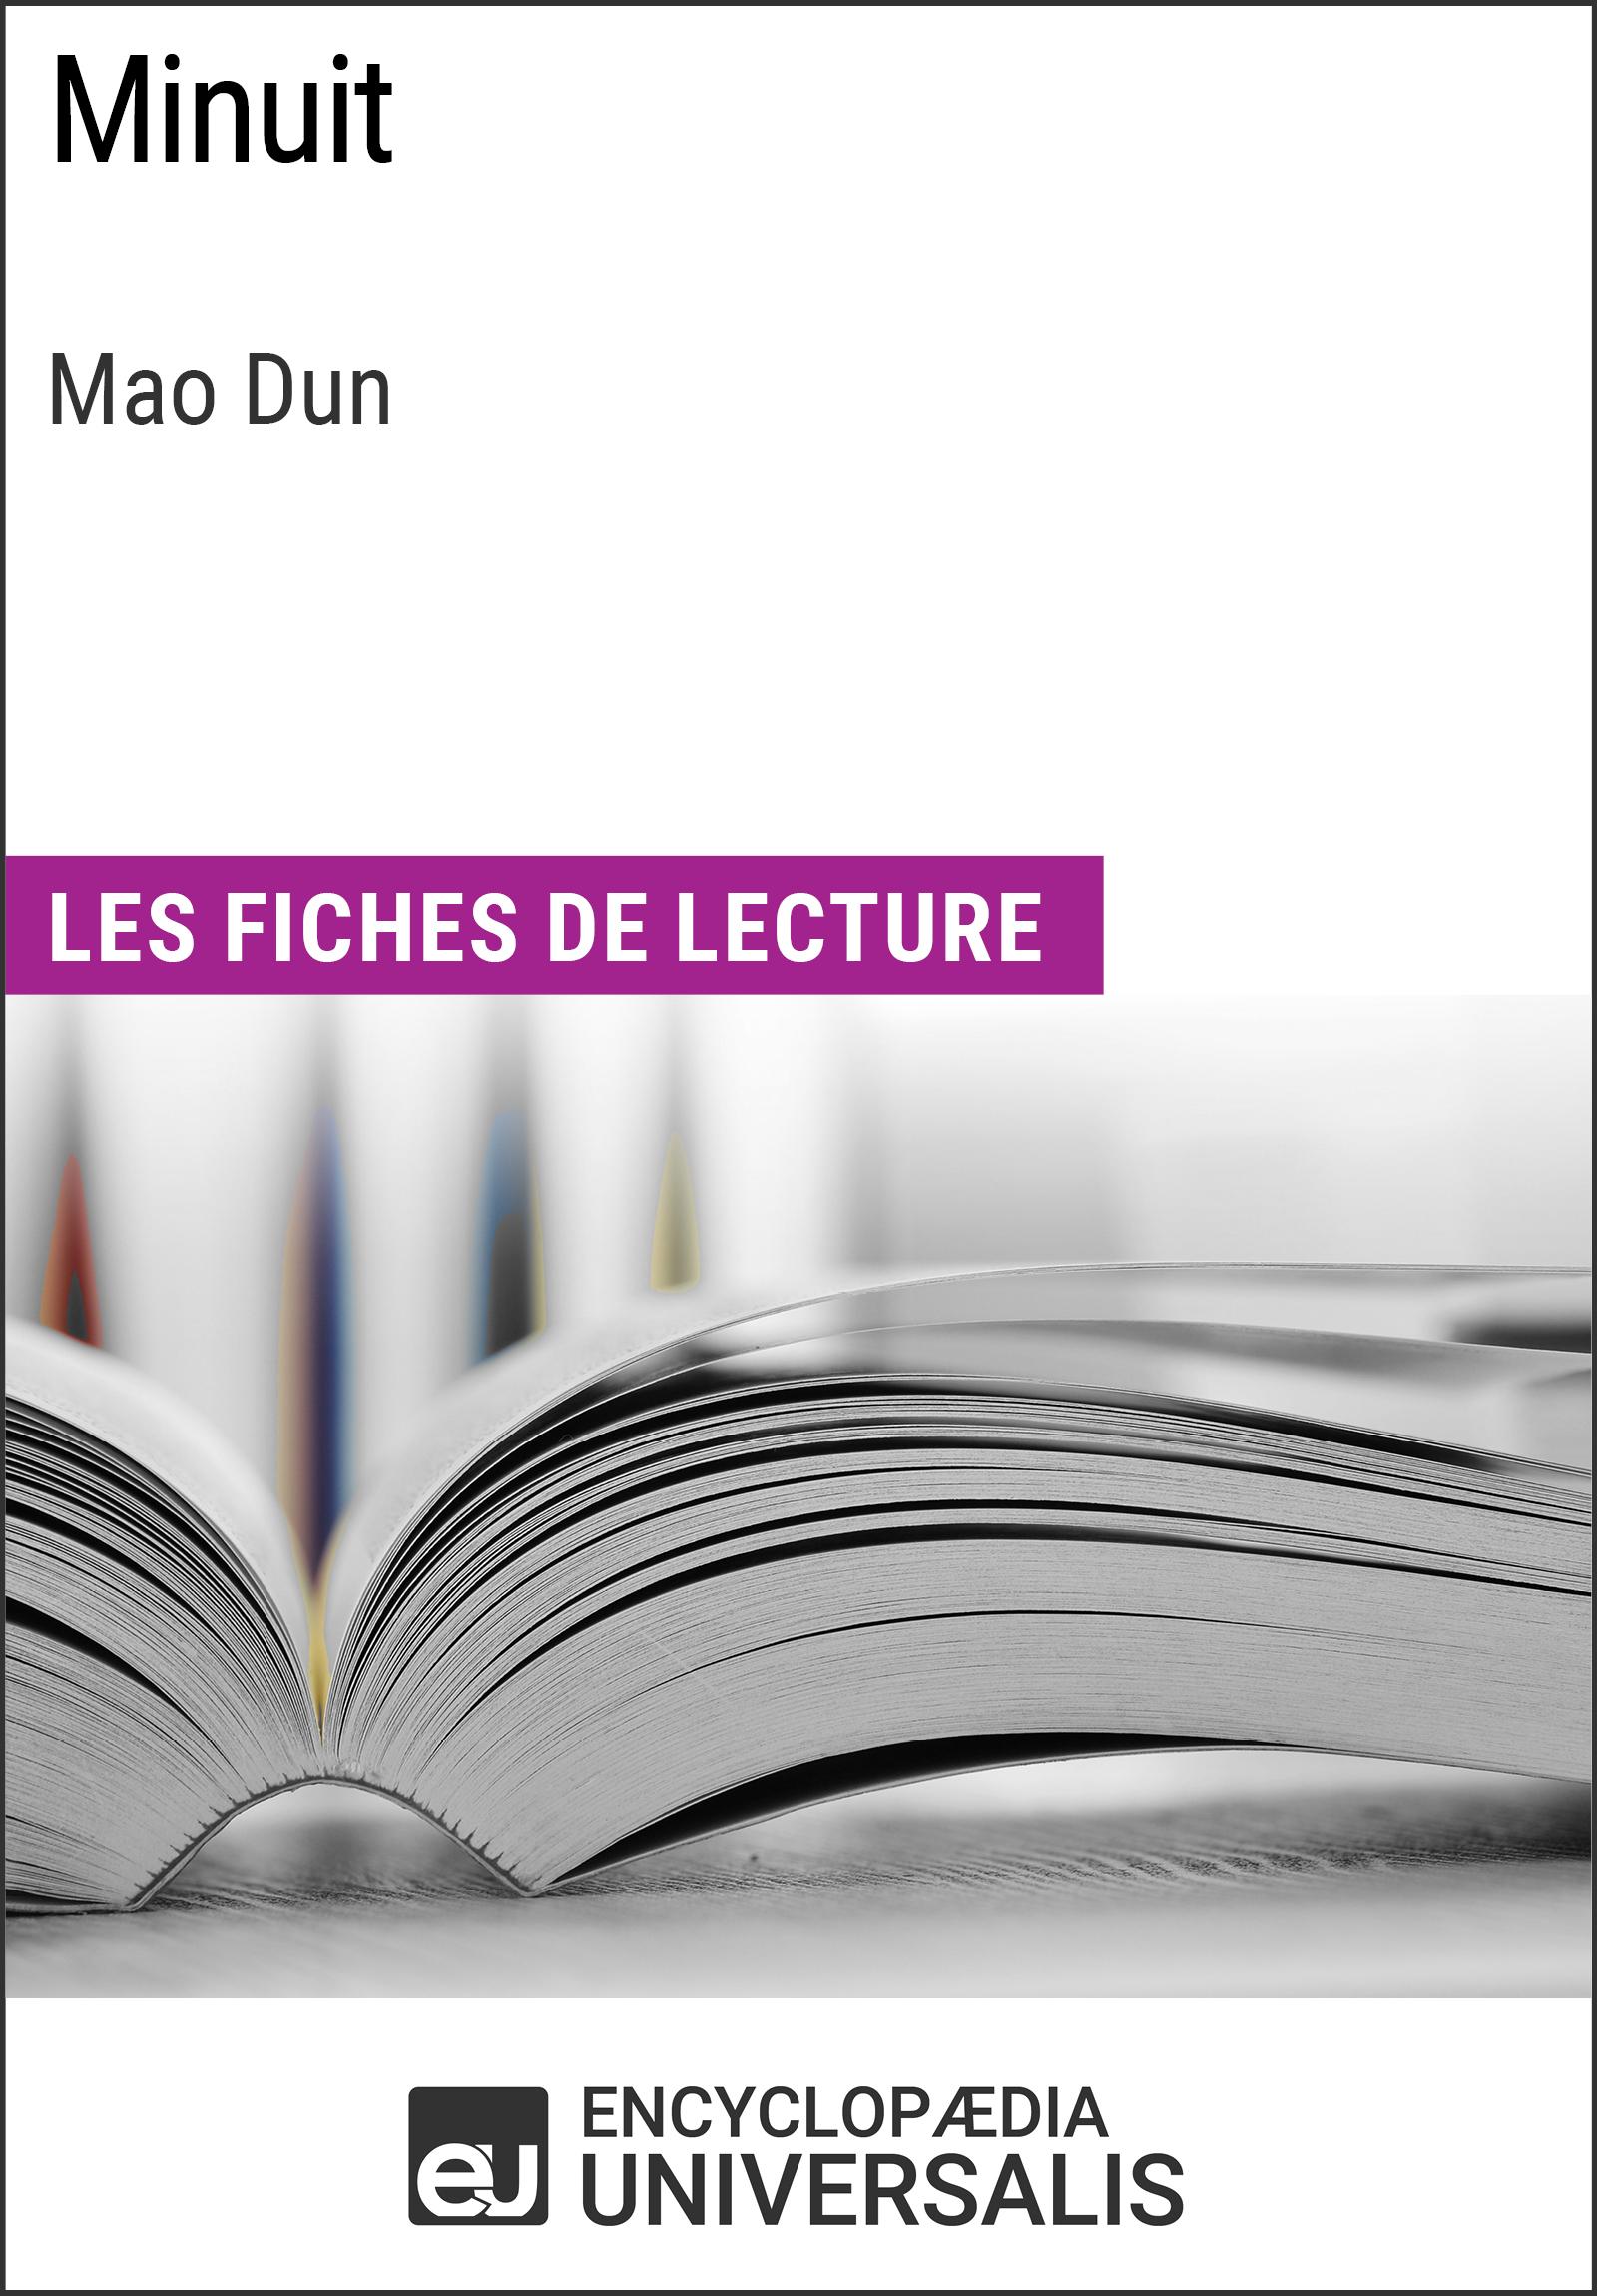 Minuit de Mao Dun